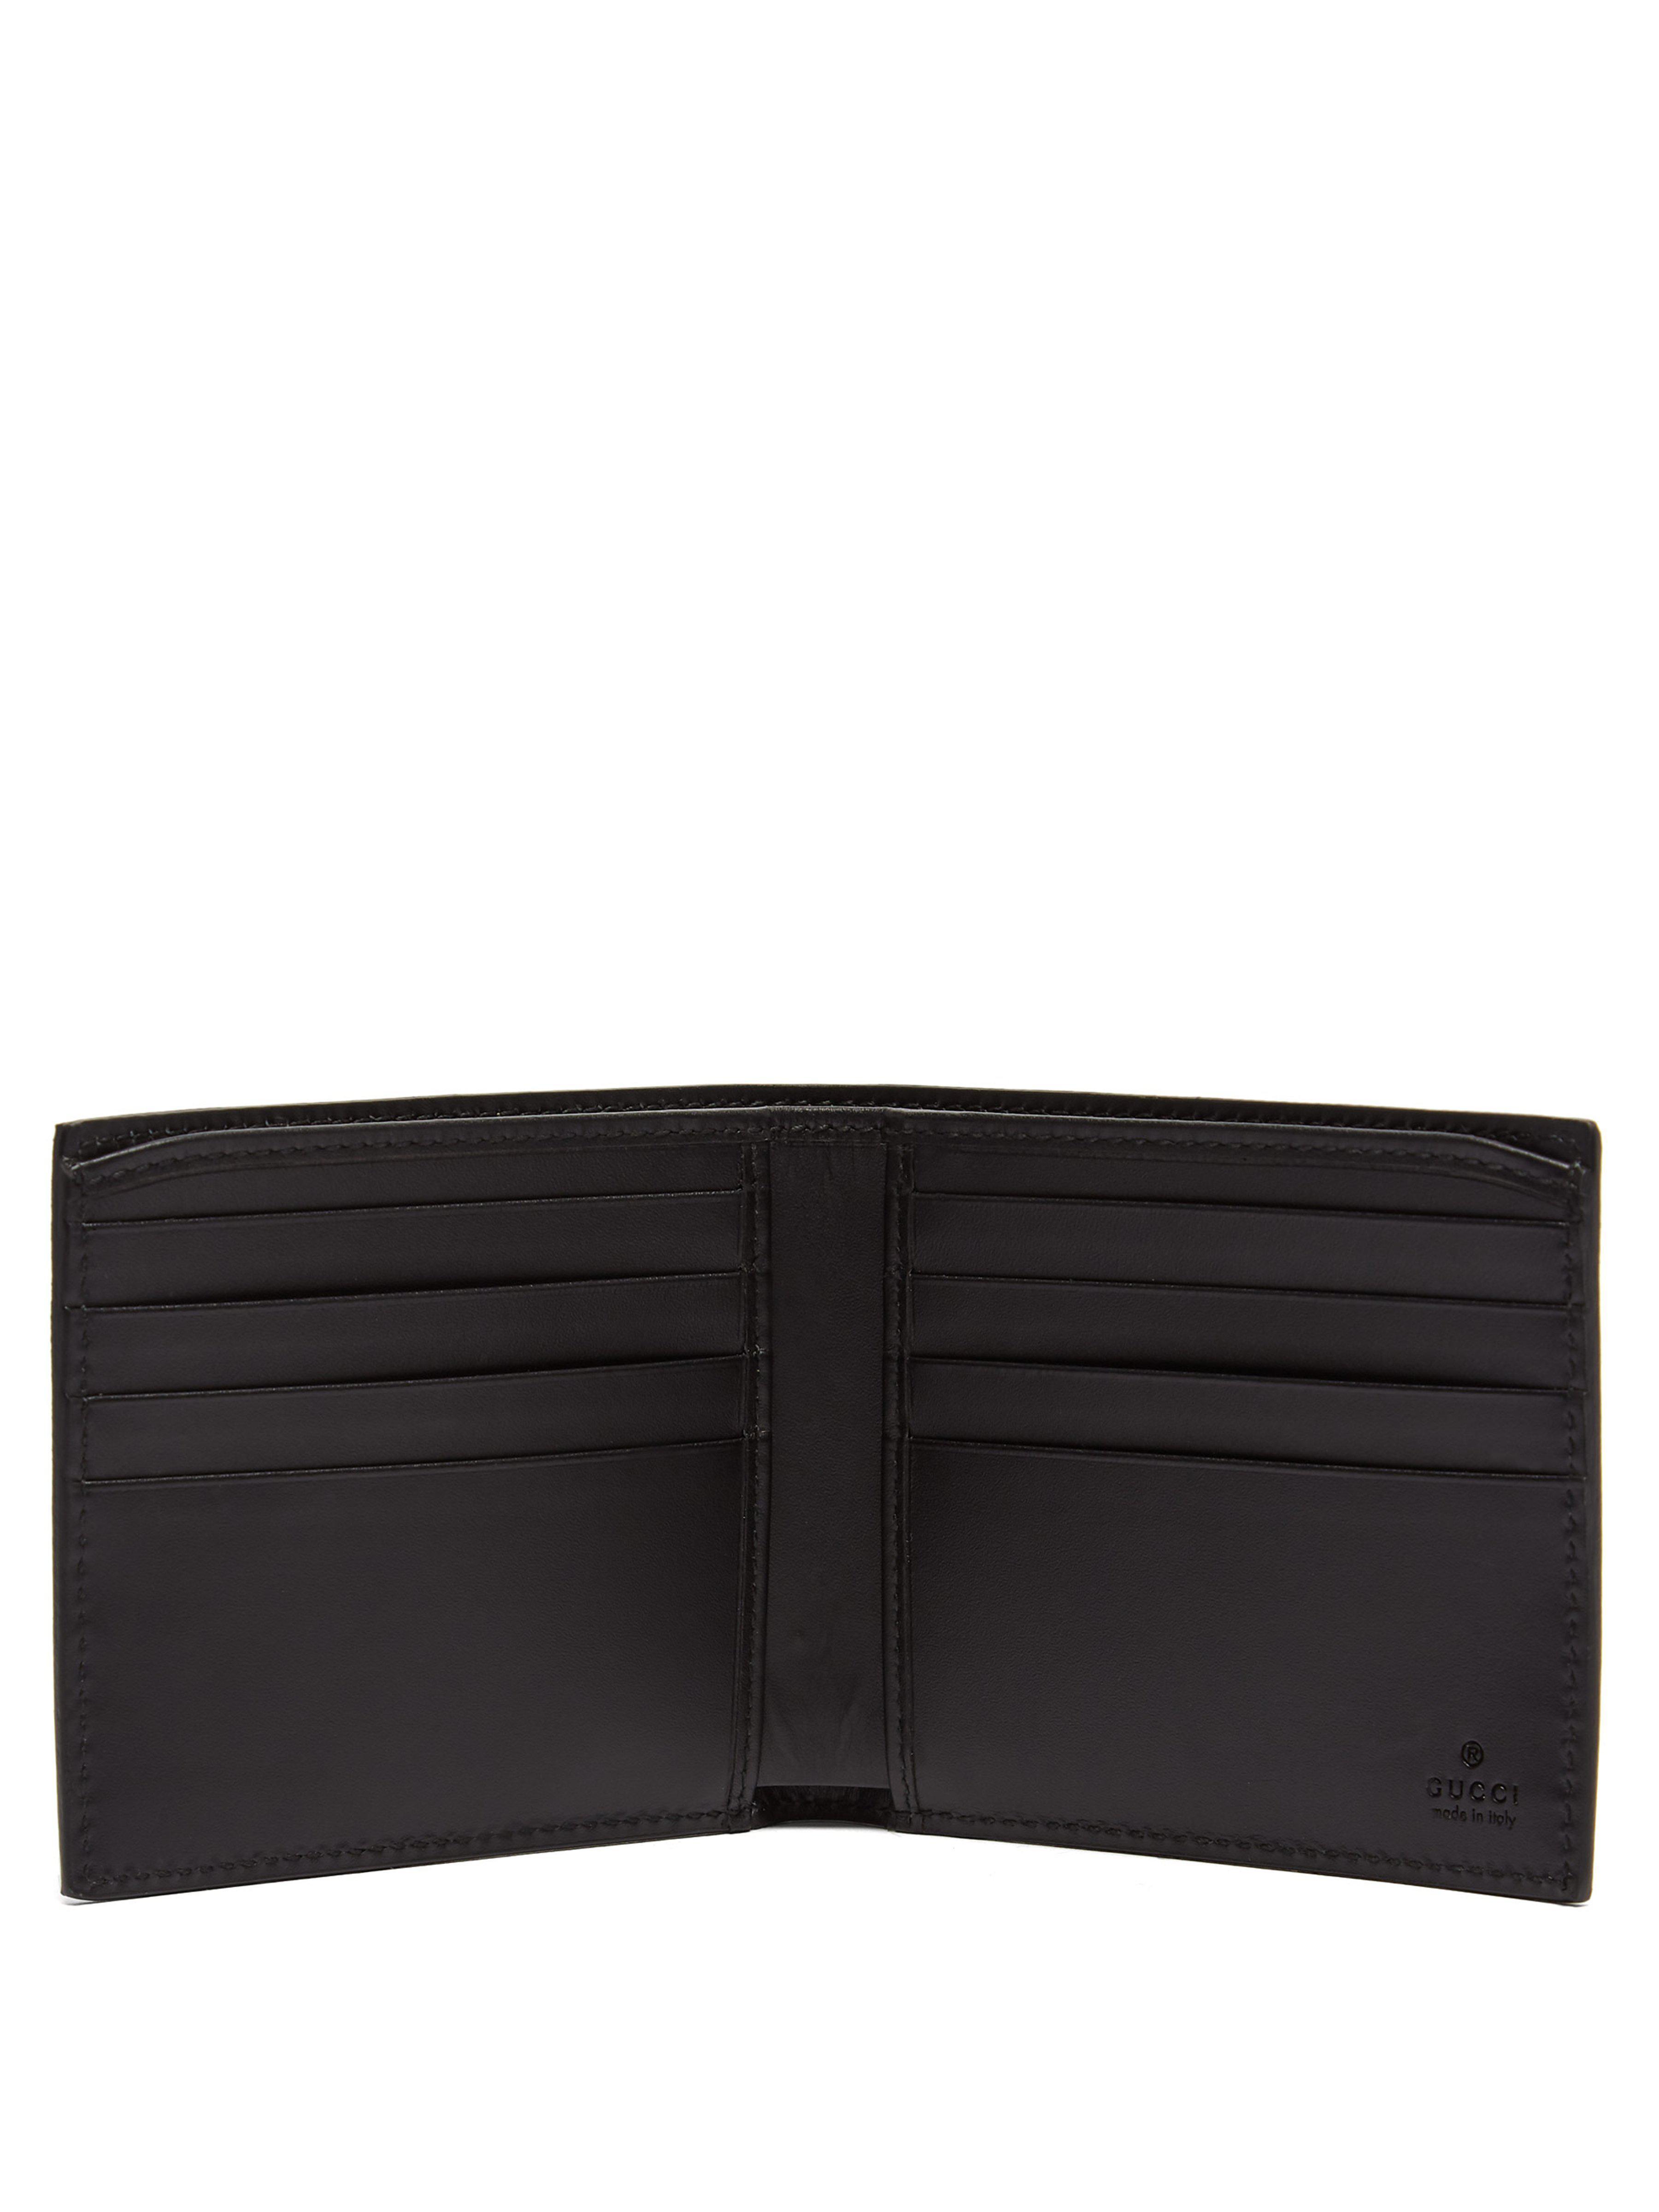 7a38d35ec6ca Gucci Gg Supreme Kingsnake Bi Fold Wallet in Brown for Men - Lyst